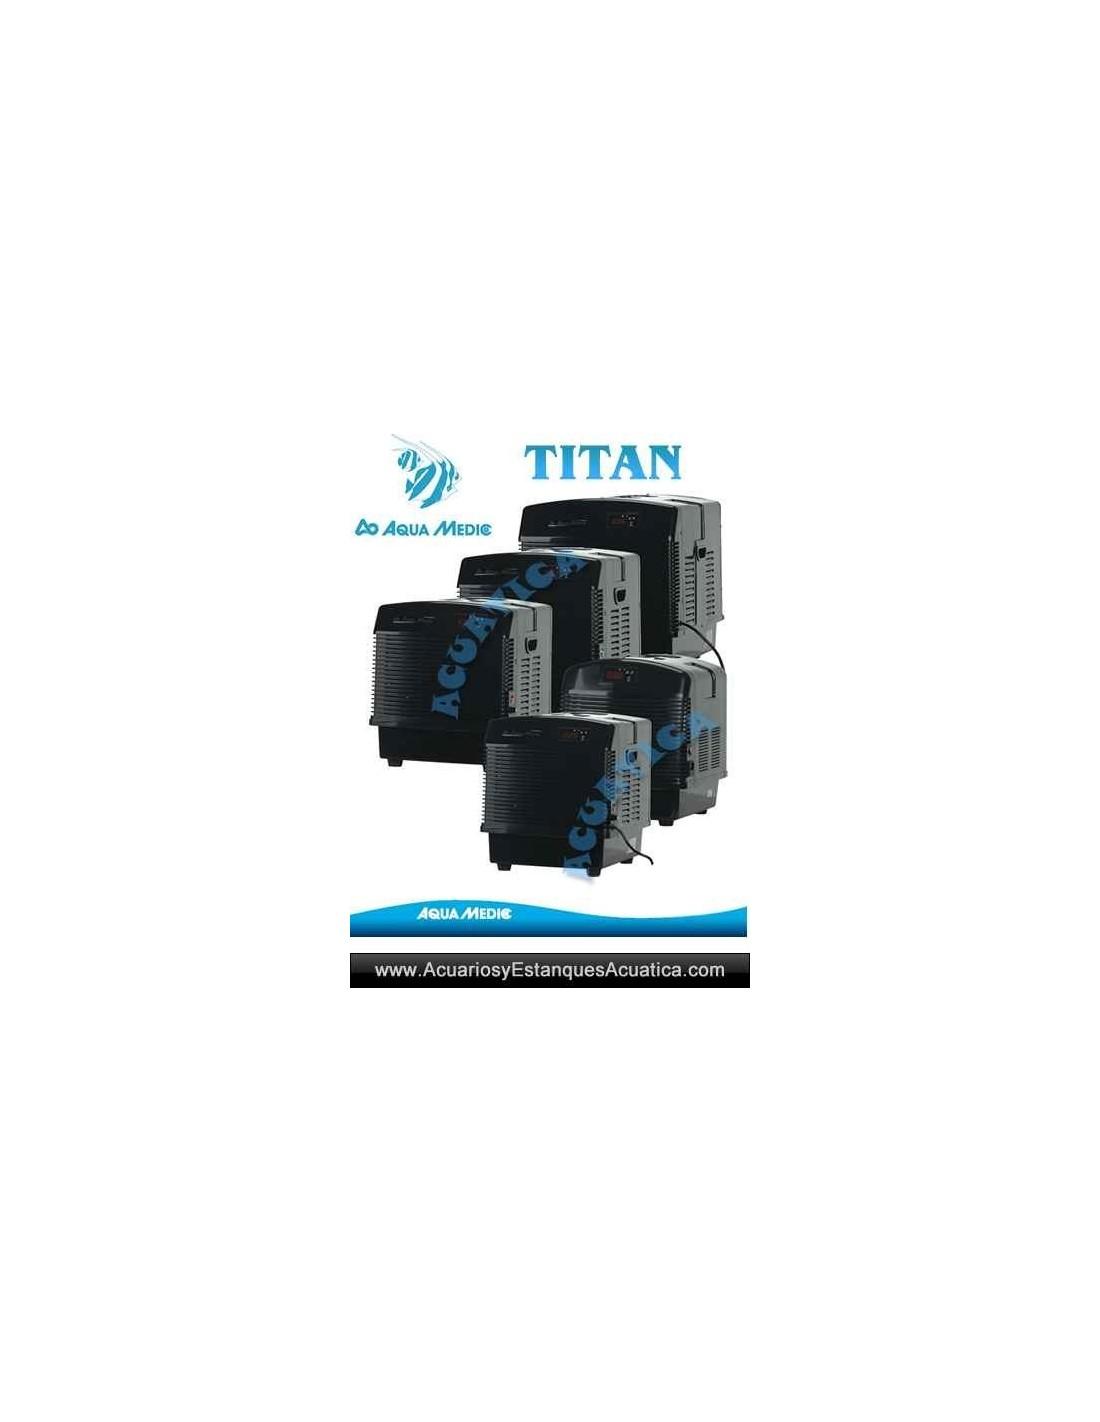 Aquamedic titan 1500 enfriador acuarios marino o dulce for Acuario marino precio